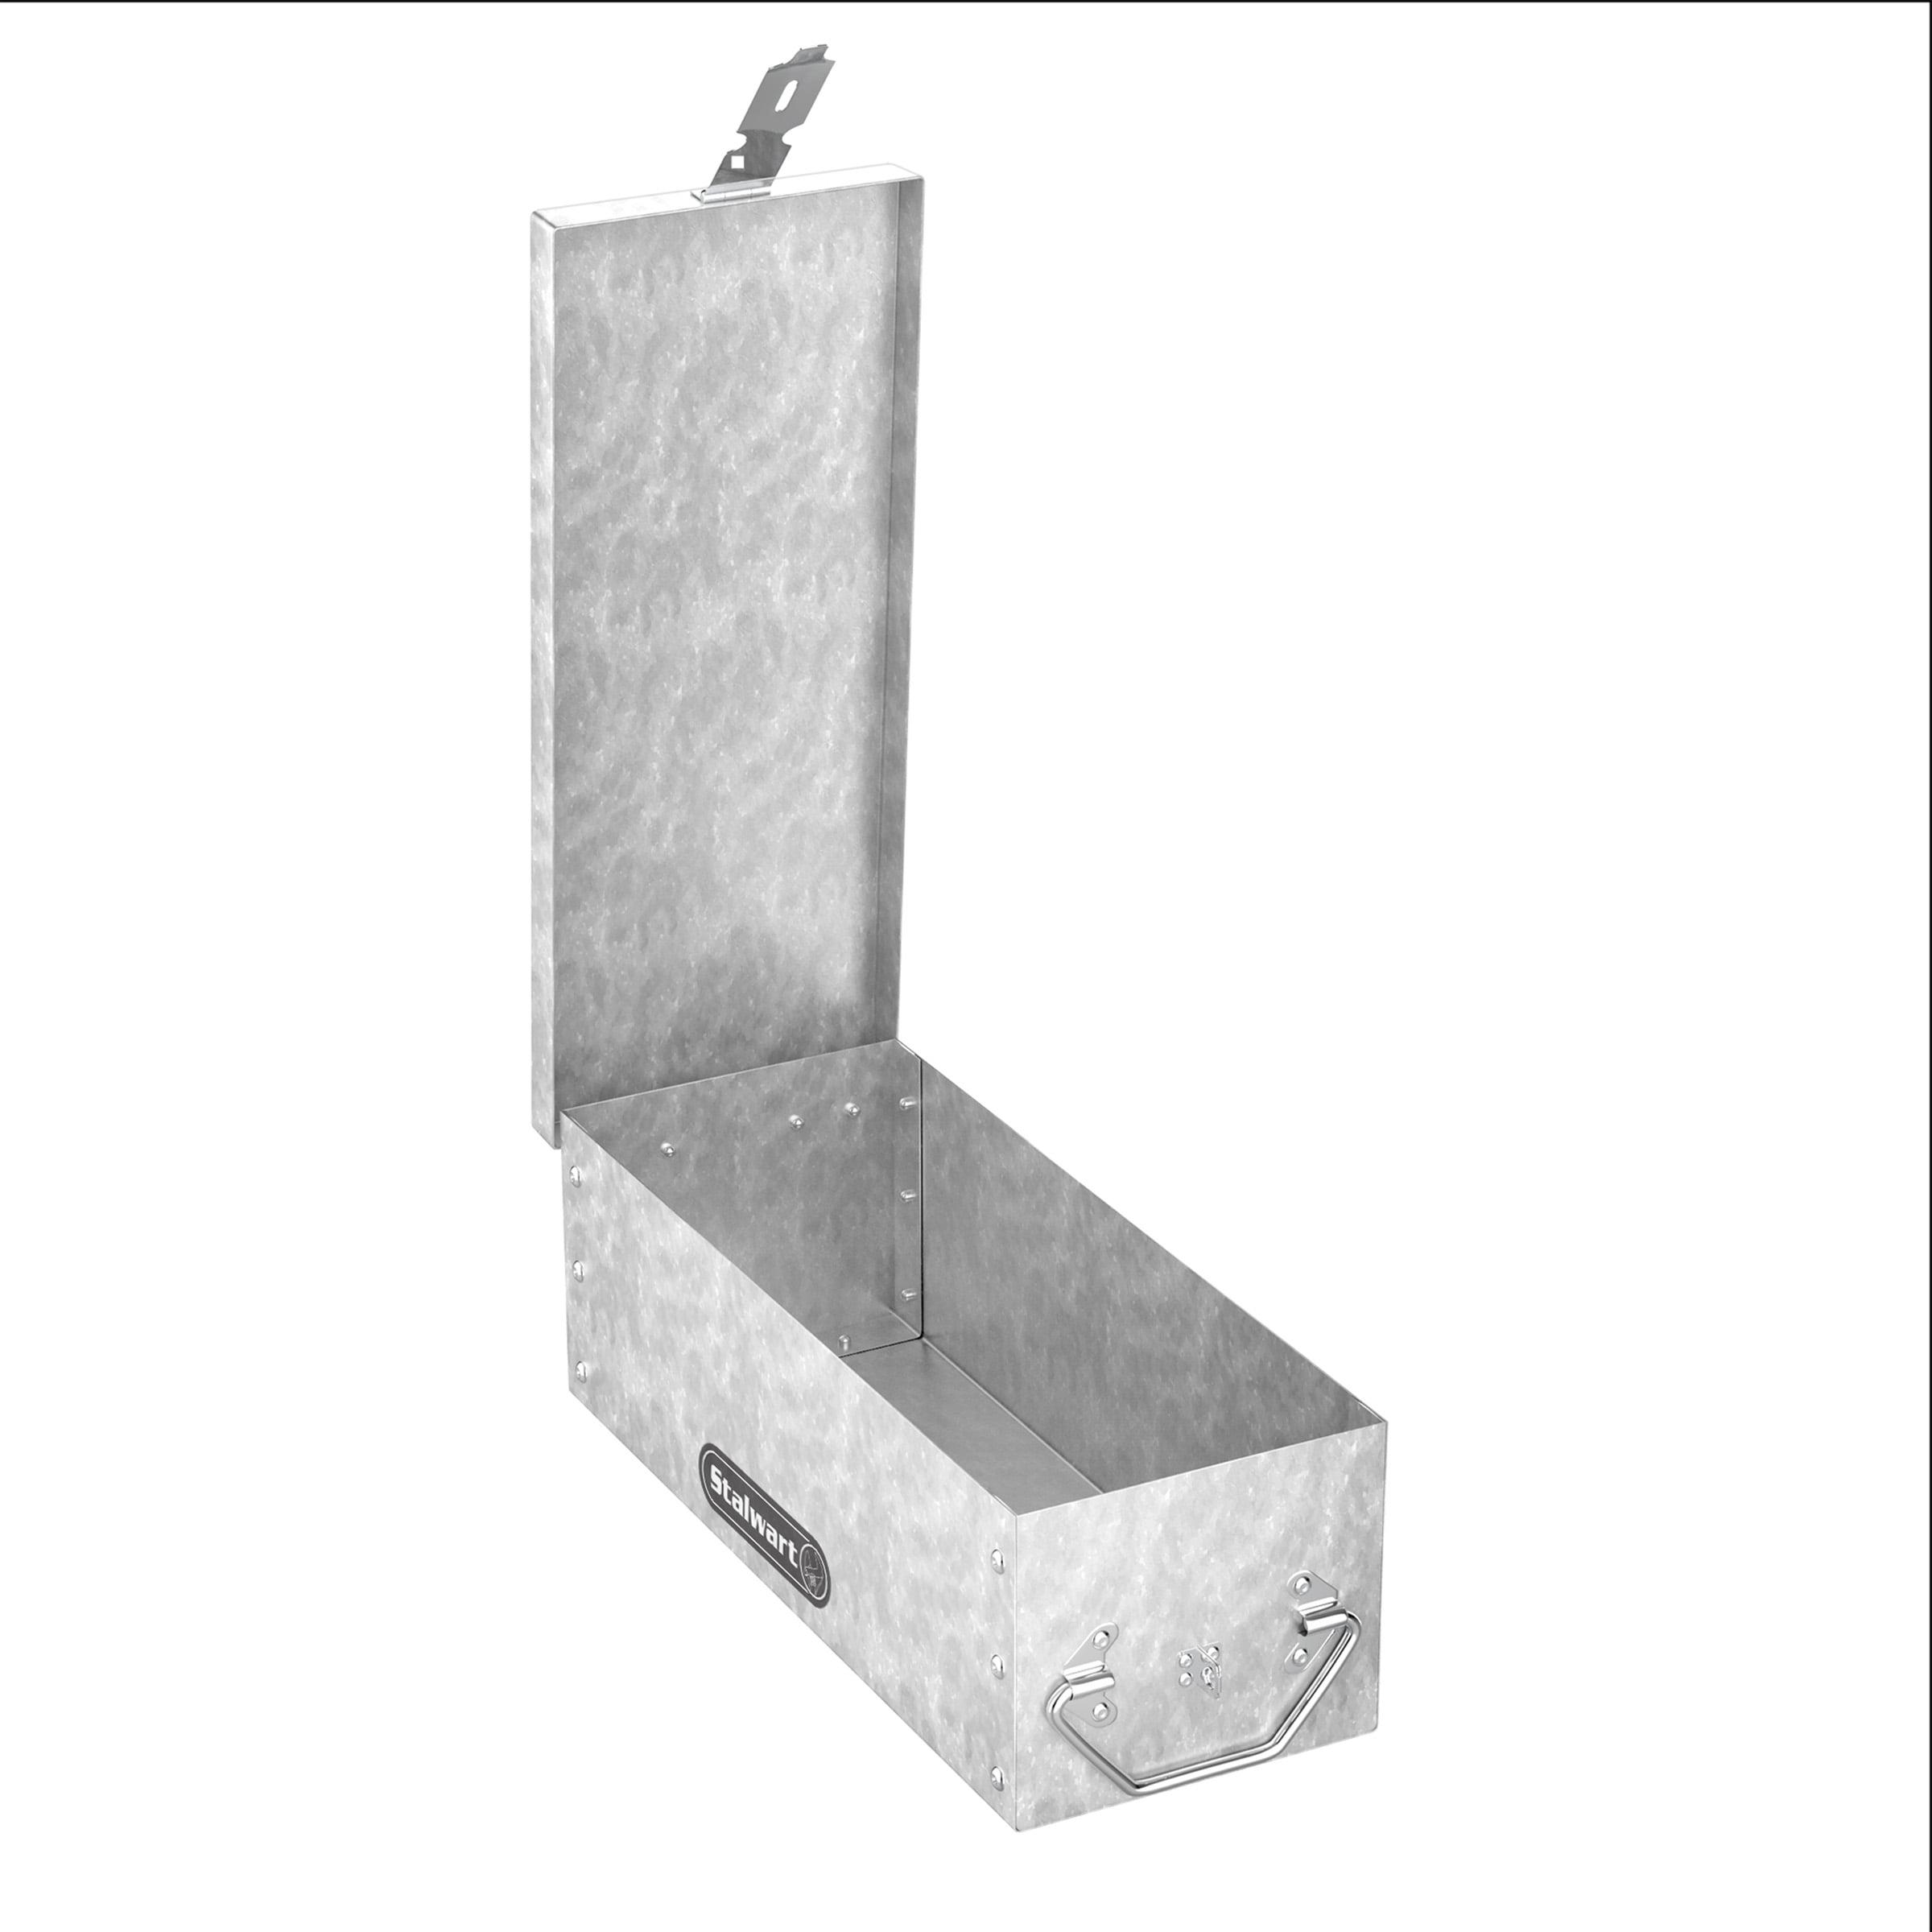 Stalwart Metal Storage Lock Box With Lock Hasp 75 005